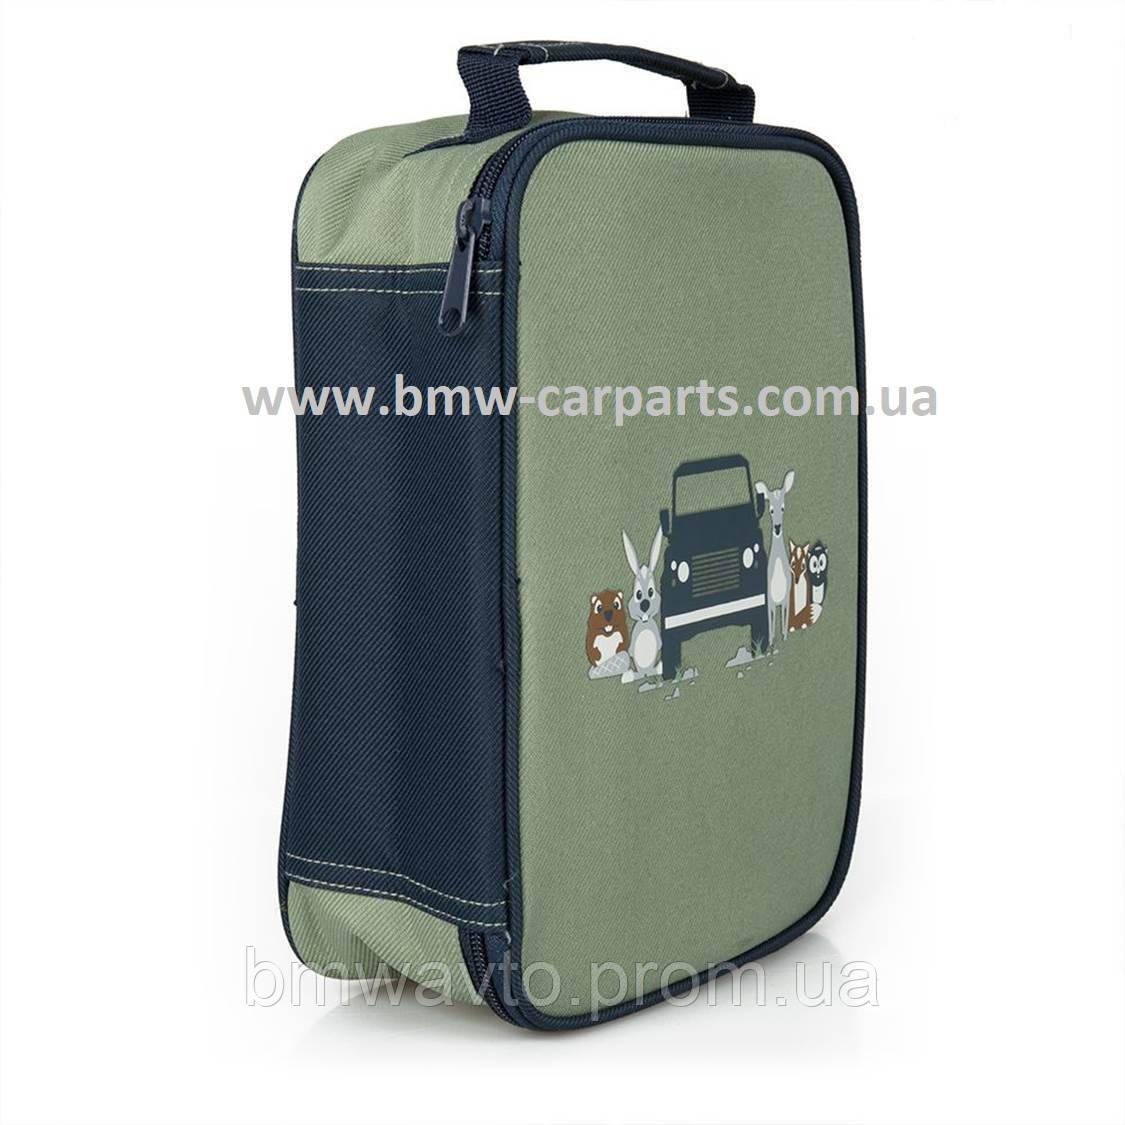 Детская сумка для завтраков - ланчбокс Land Rover Lunch Box, Green/Navy